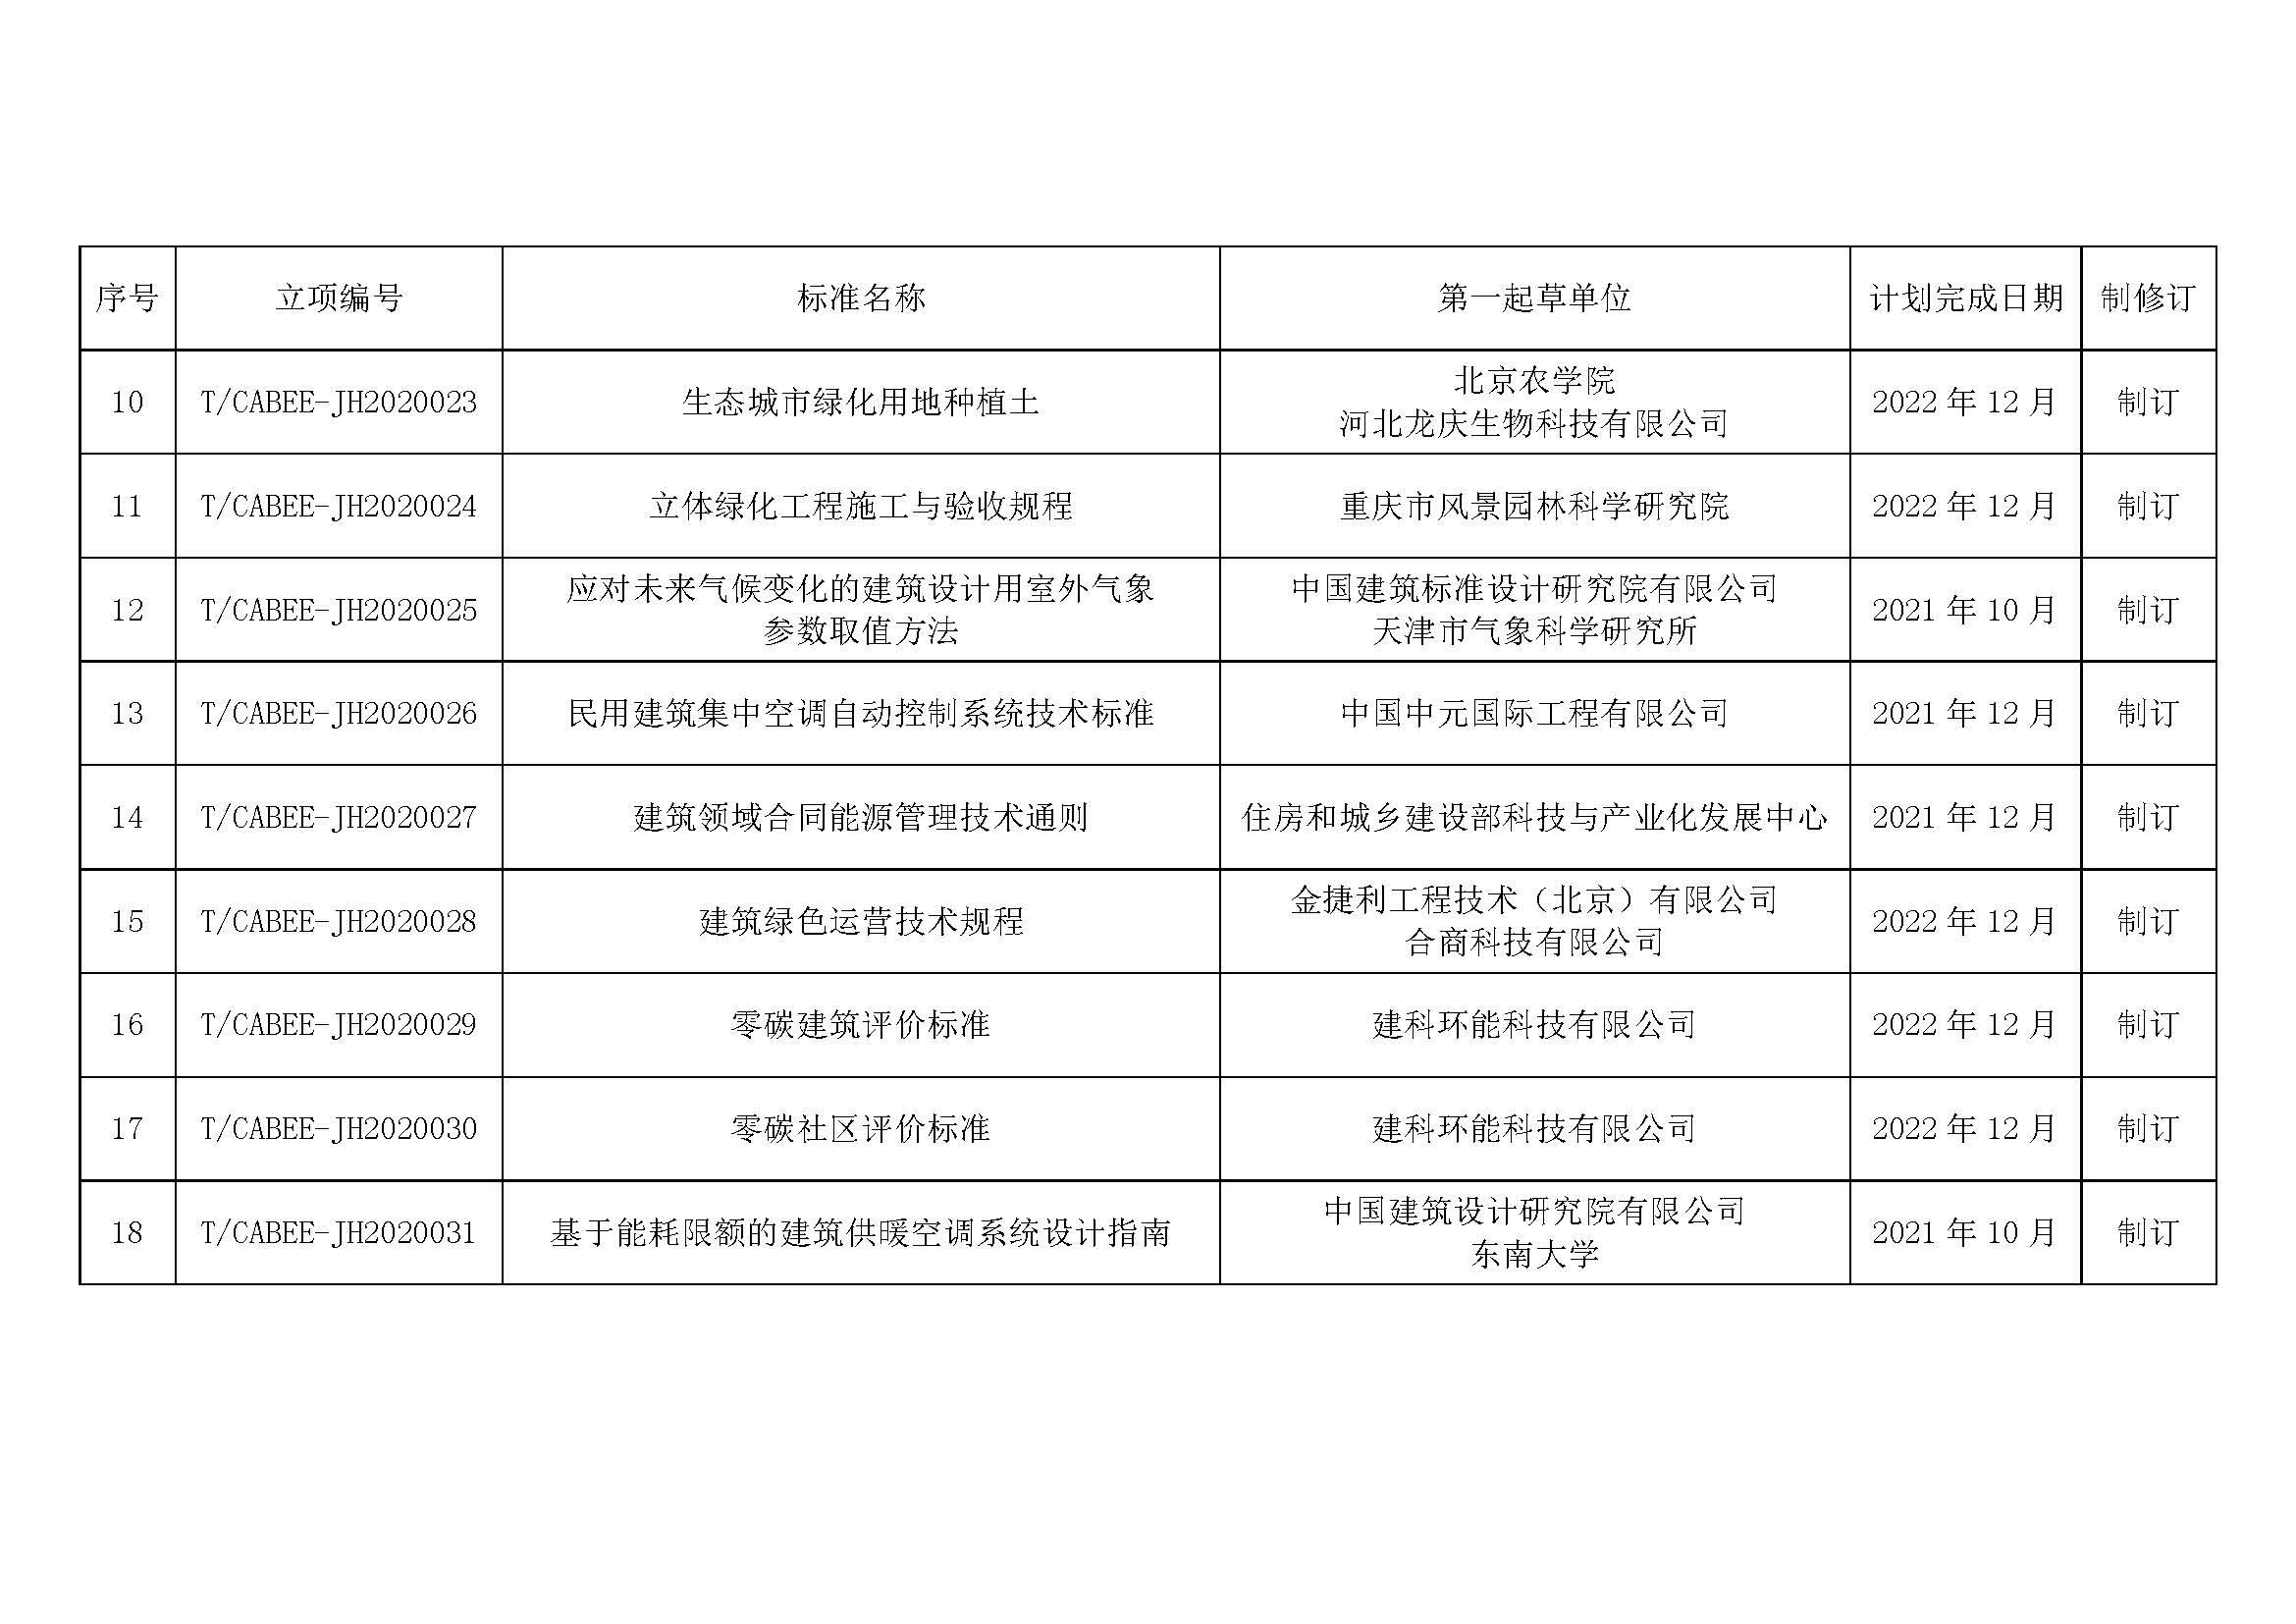 附件-2020年度第二批团体标准制修订计划_页面_2.jpg